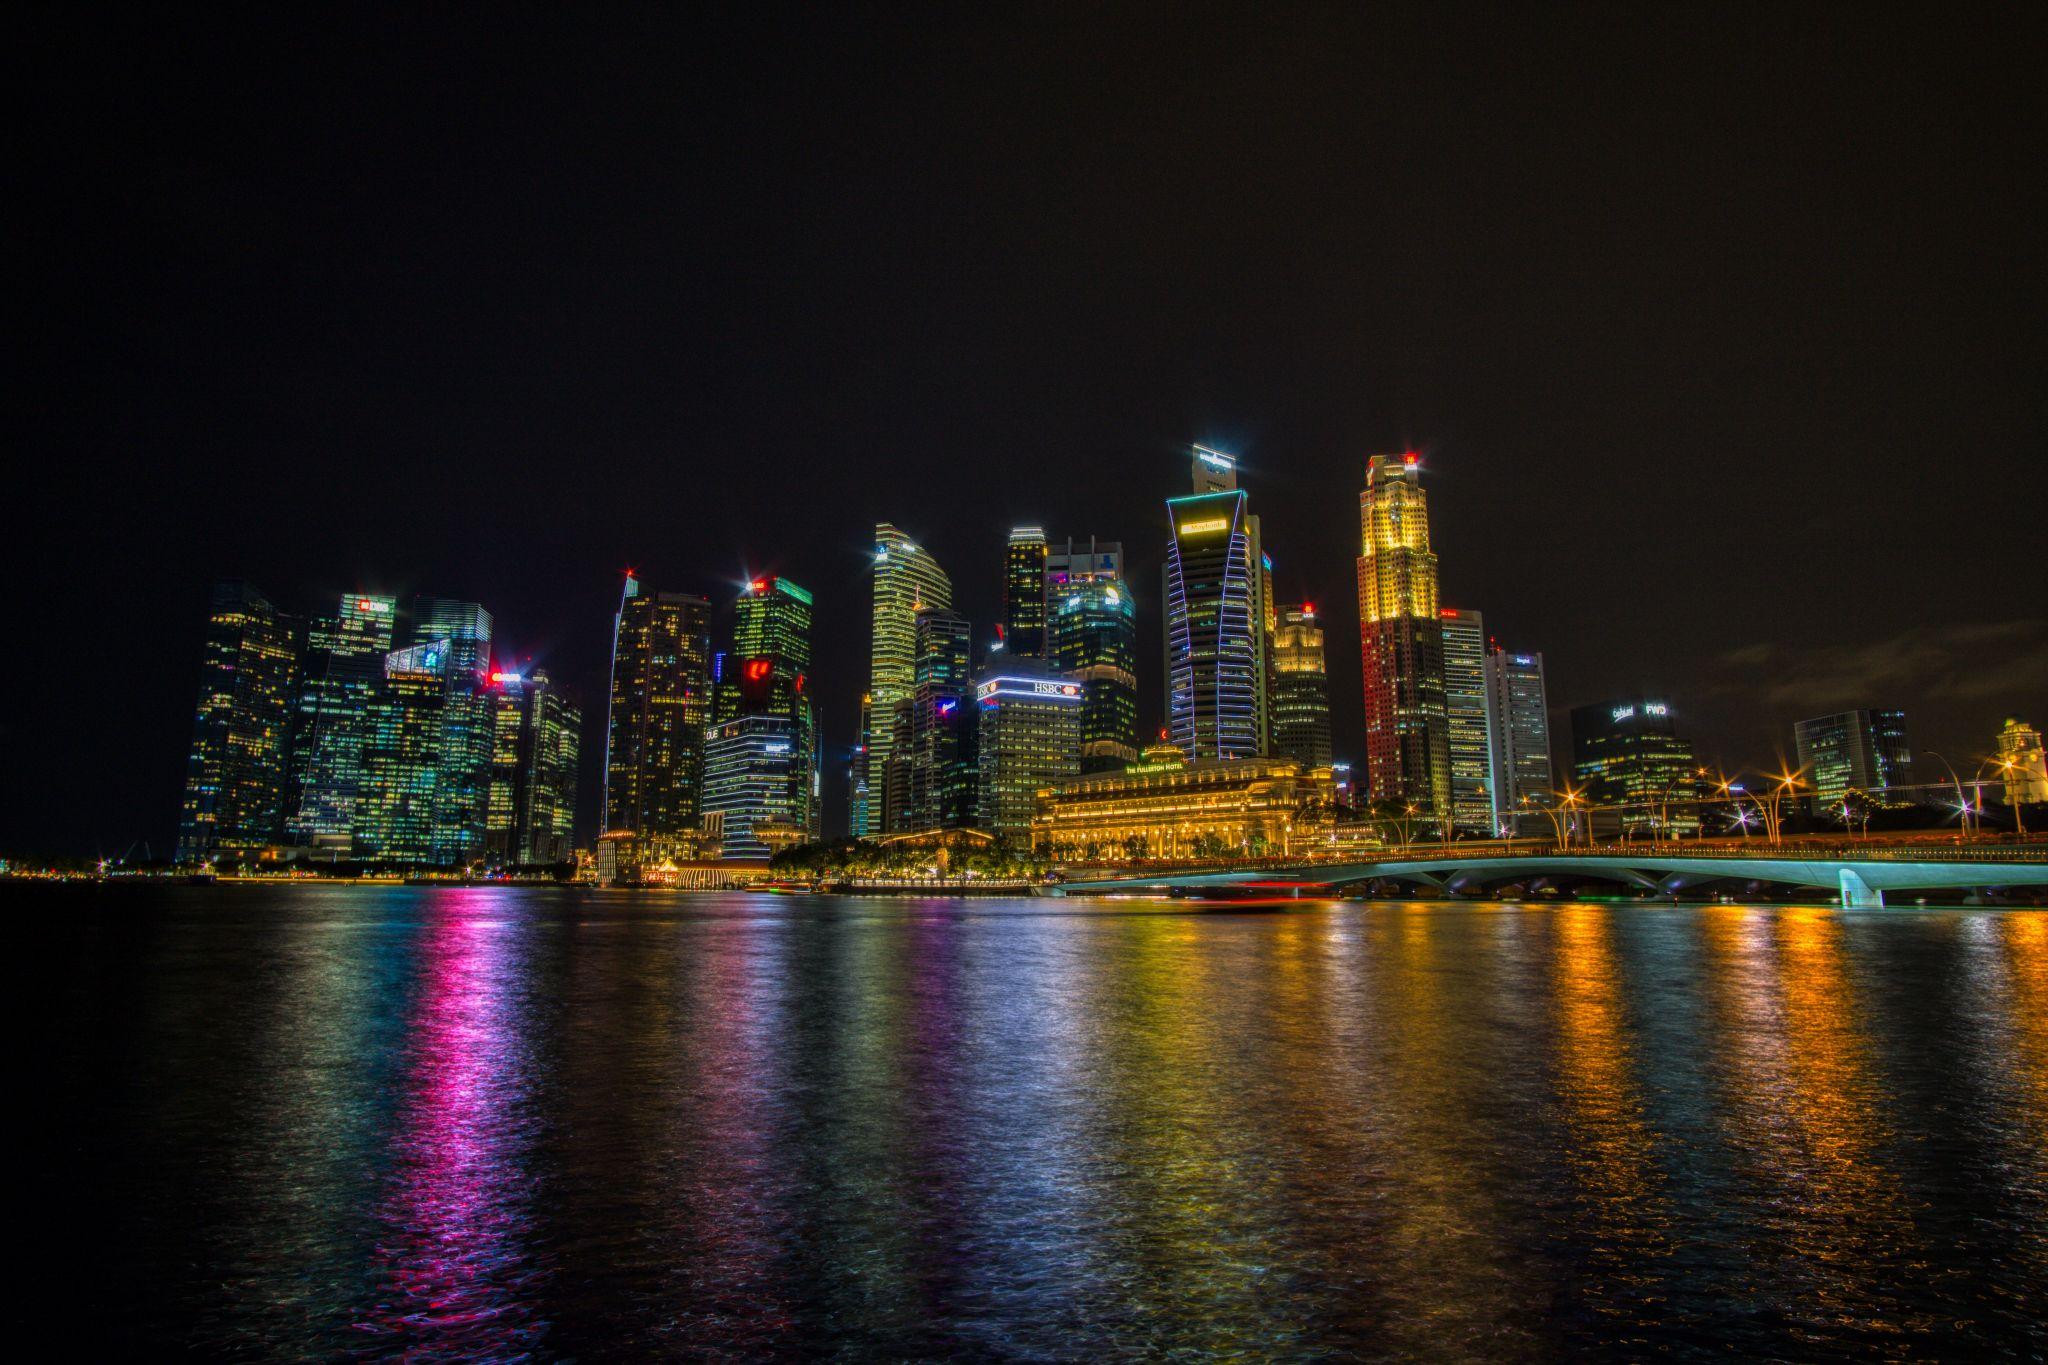 Skyline Singapur, Singapore